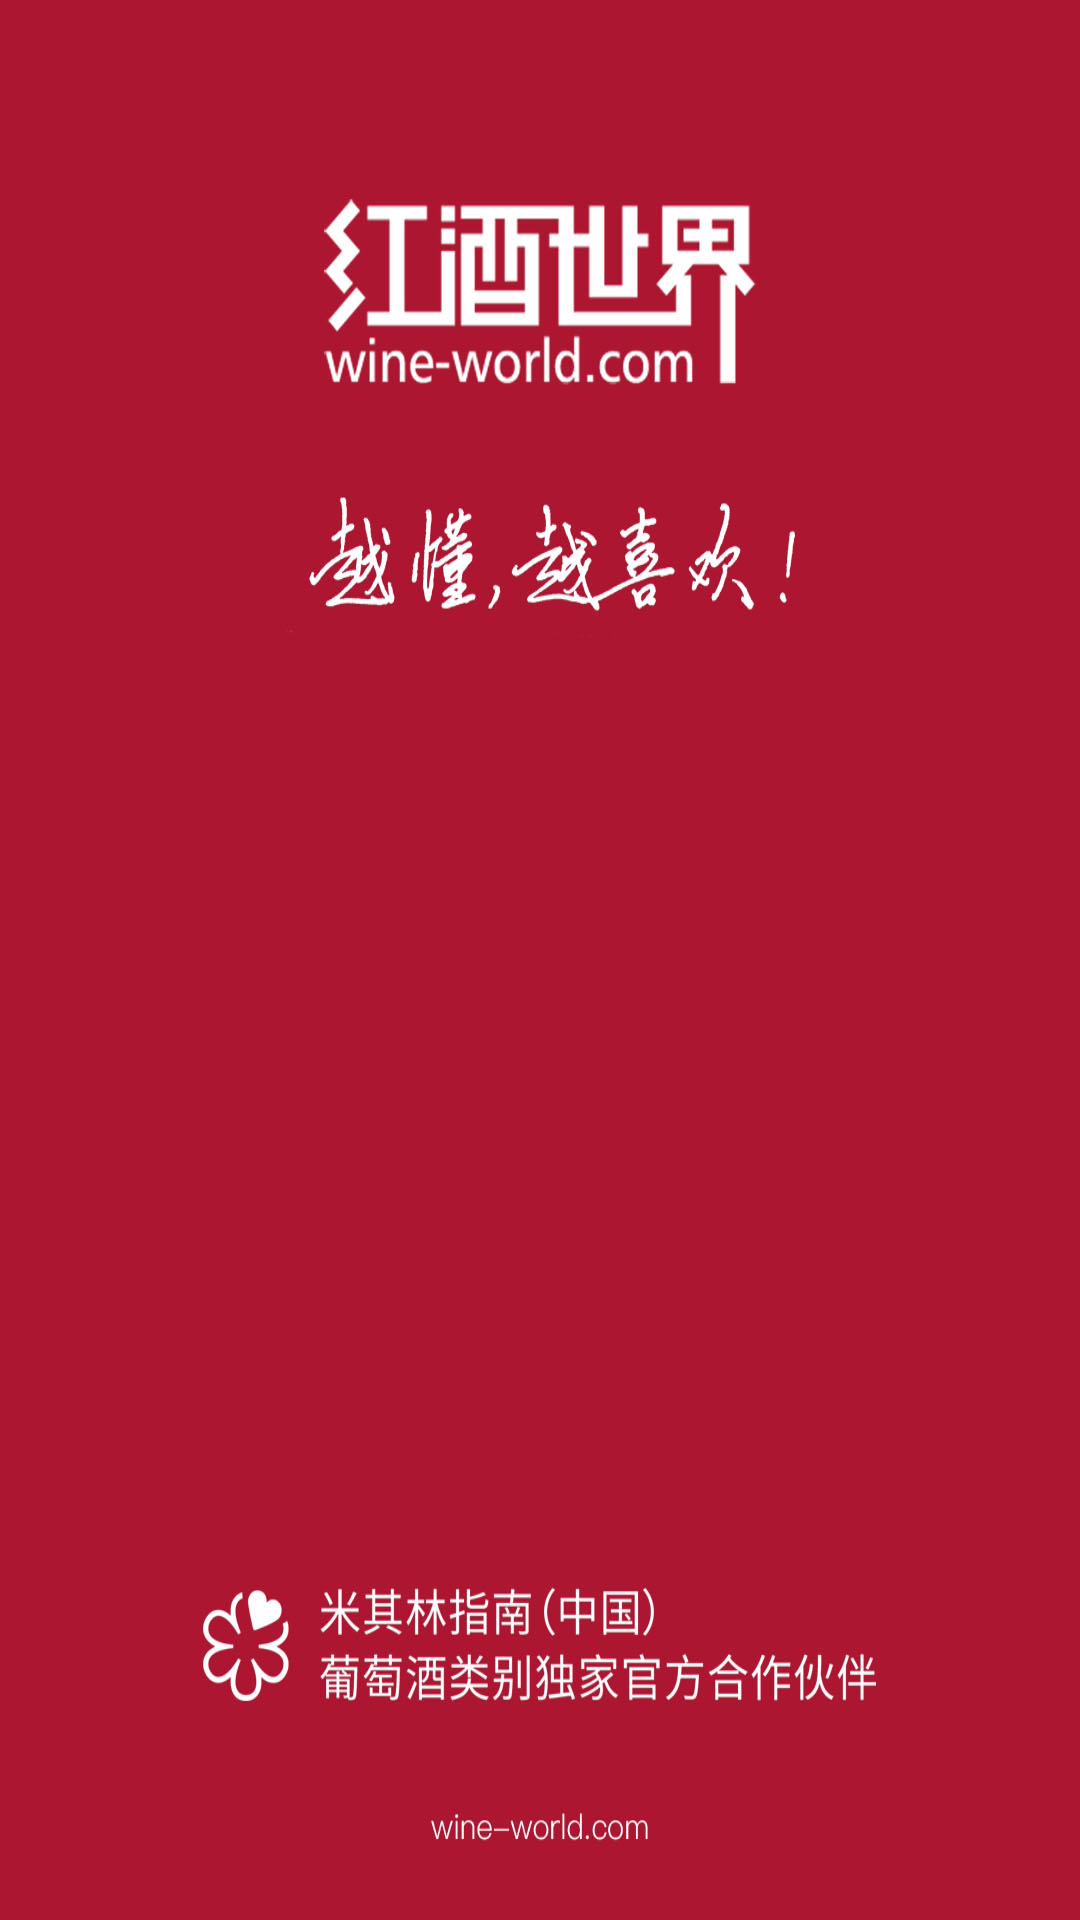 紅酒世界app截圖4